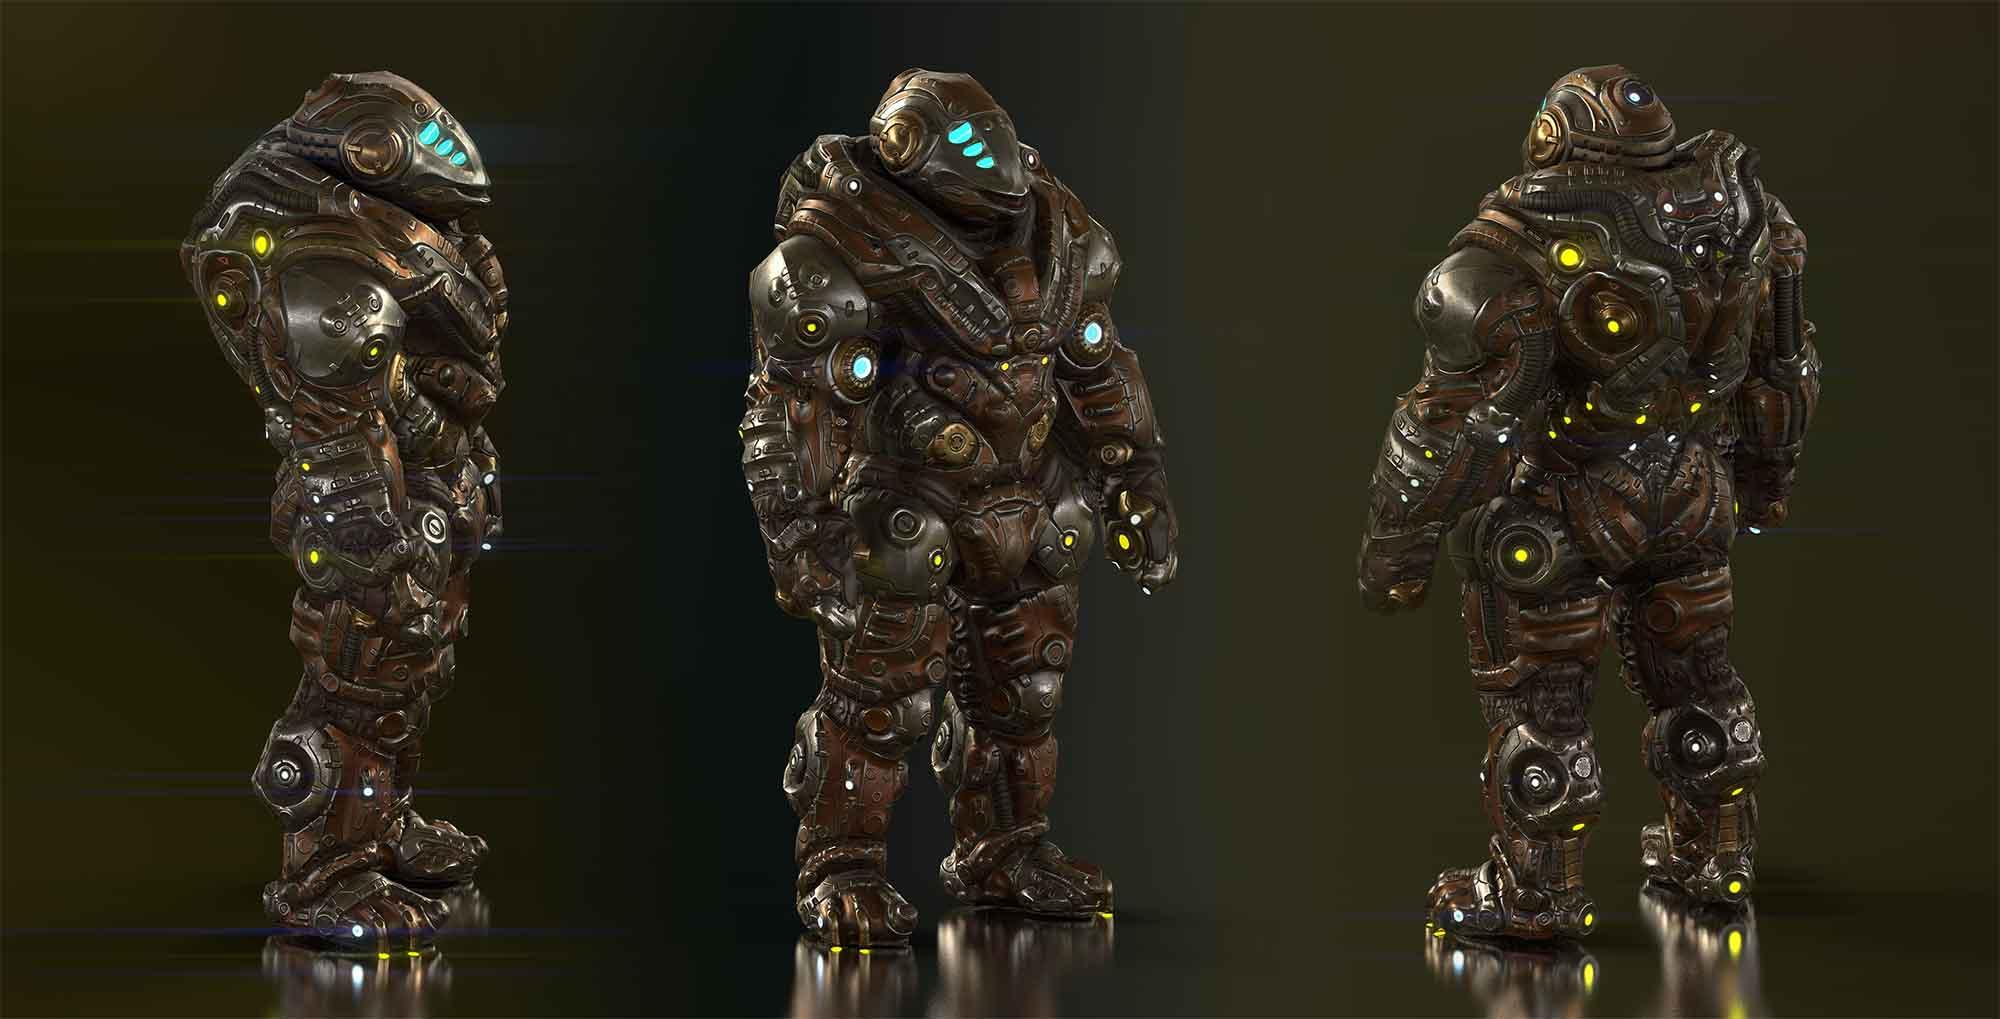 q11 | 3D 2D Artist.Game Low-poly,sculpting (Персонажи,окружение и тд)